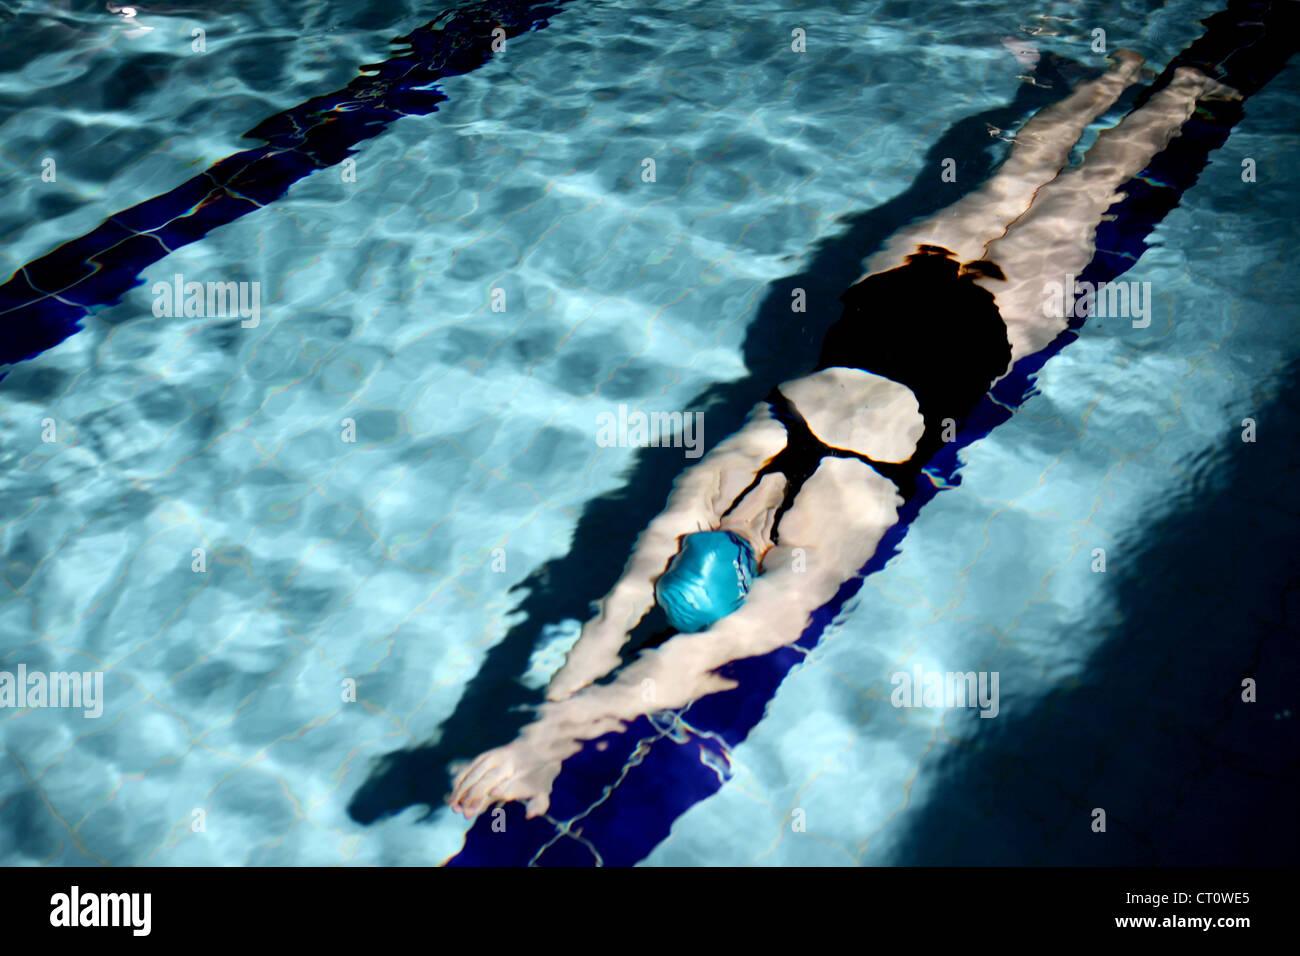 Faire des longueurs dans la piscine de natation Photo Stock